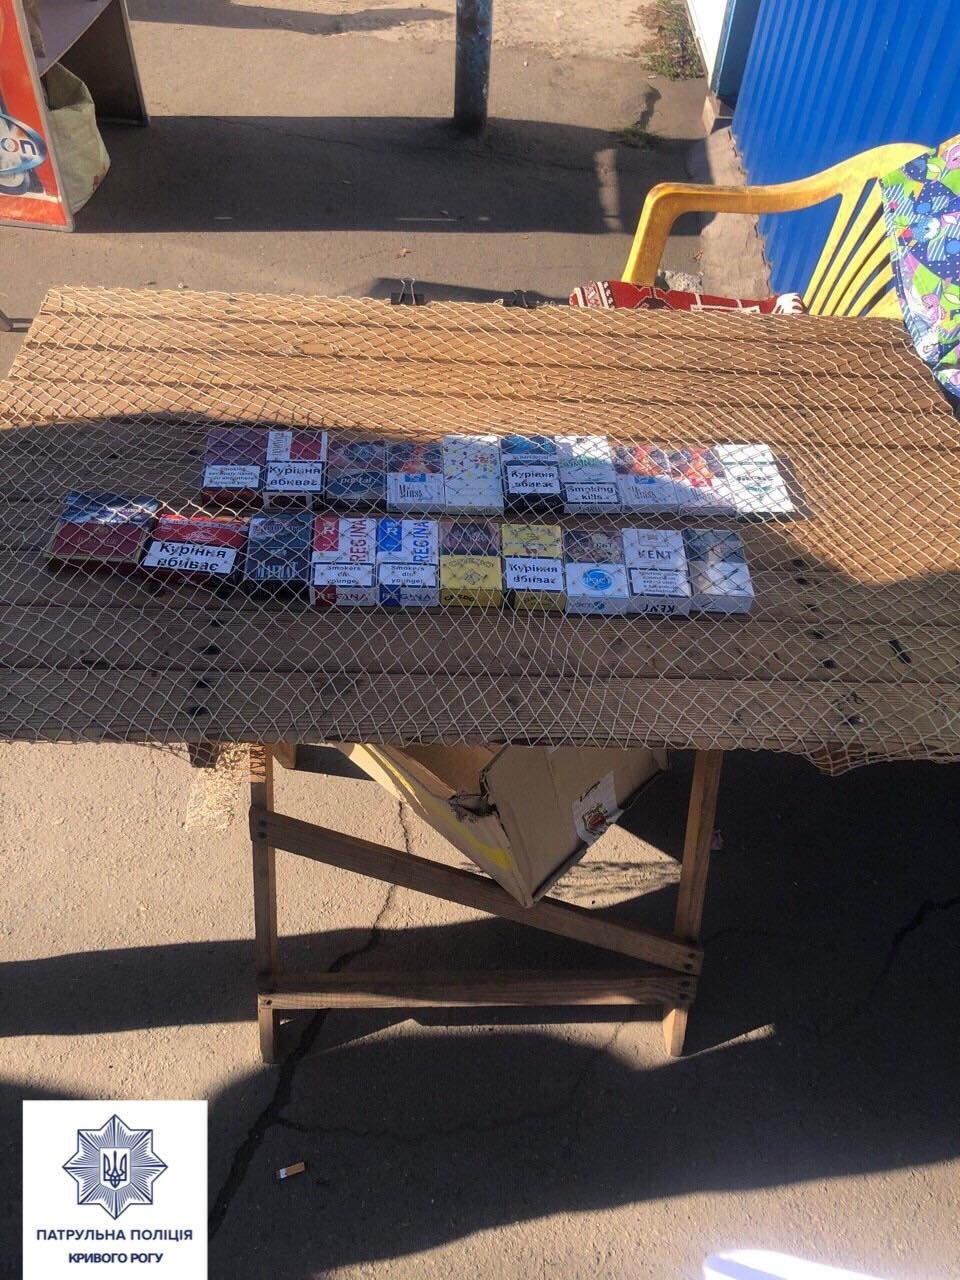 В Кривом Роге конфисковали коробки с контрабандным товаром, - ФОТО, фото-1